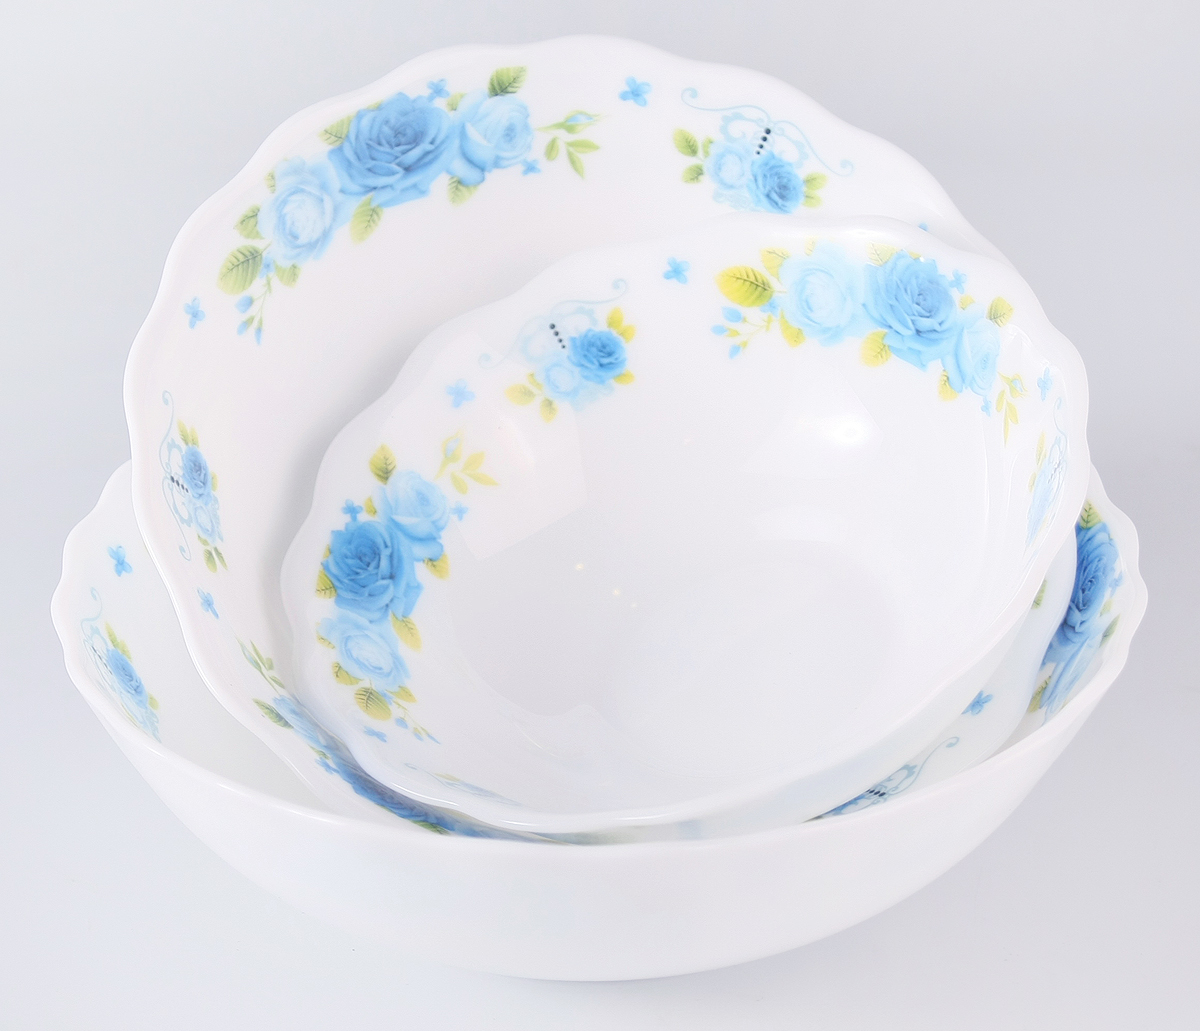 """Набор столовой посуды Olaff  """"Пасадена"""" состоит из 3 салатников.  В набор входят:  - 1 салатник 300 мл,  - 1 салатник 450 мл,  - 1 салатник 750 мл.  Набор продается в красивой подарочной упаковке.  Посуда изготовлена из качественной стеклокерамики."""